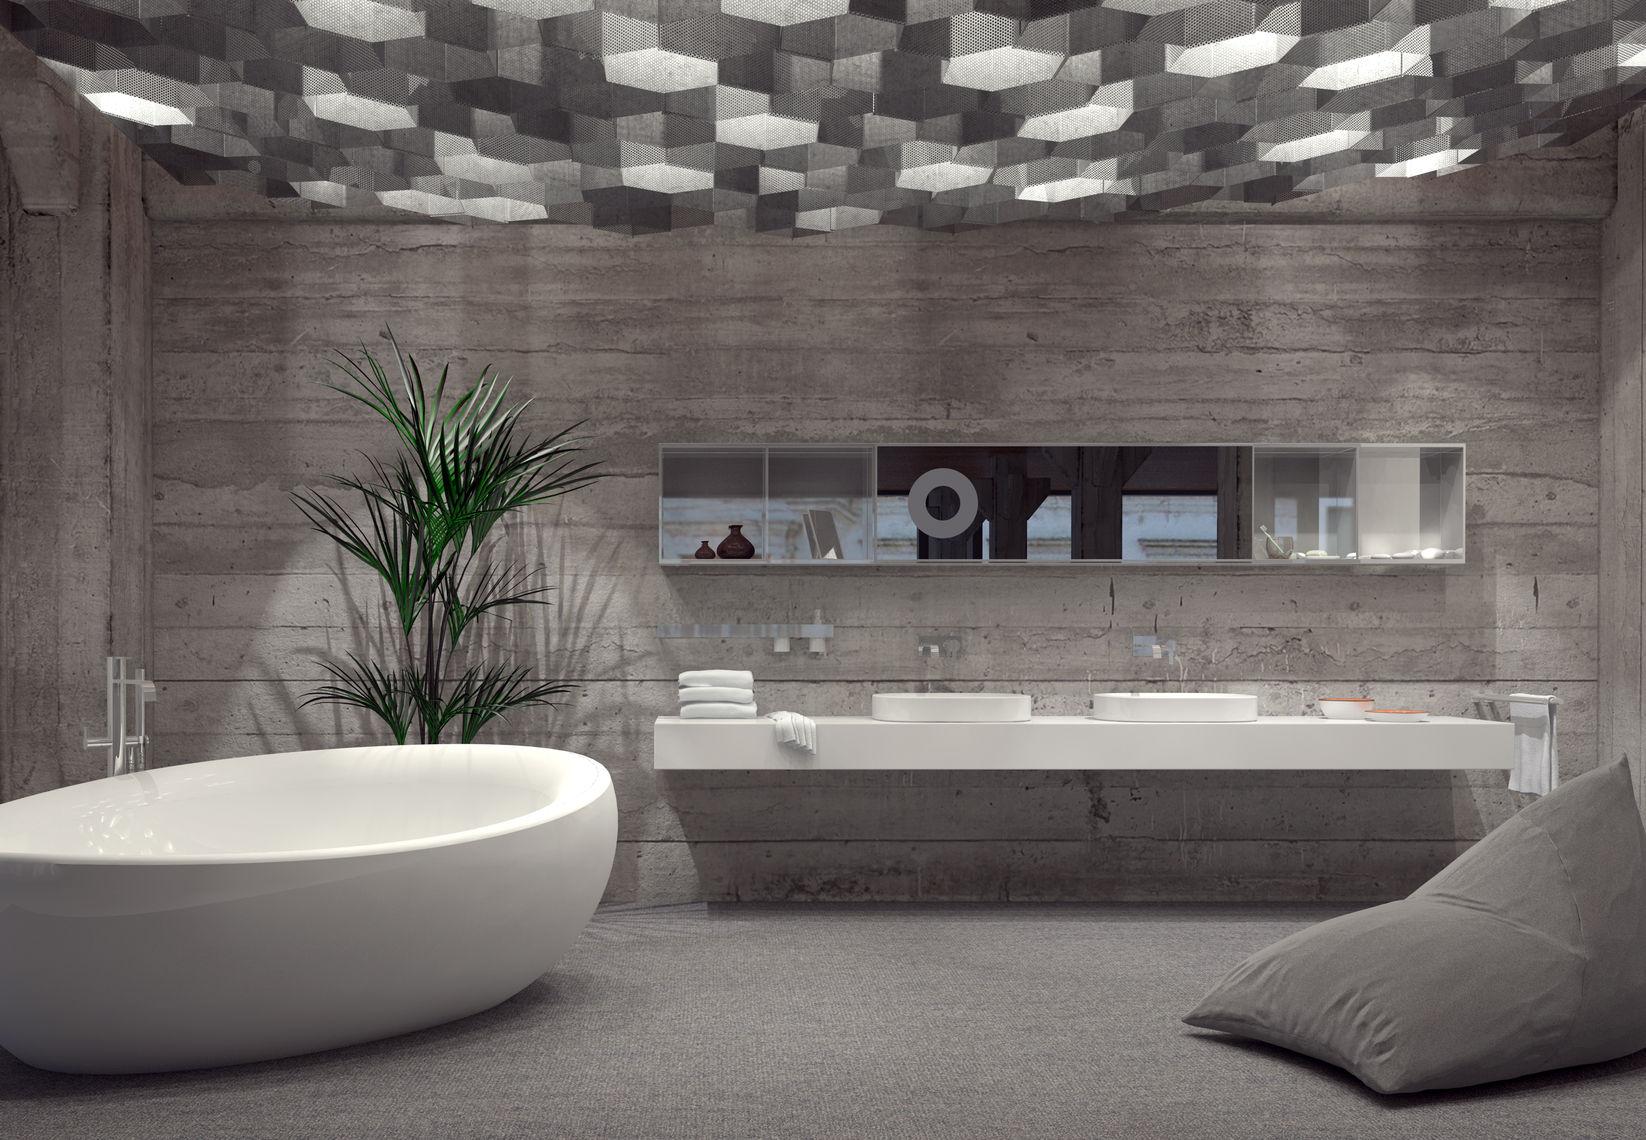 Une nouvelle salle de bain pour se relaxer ? Recevez des devis de plombiers sous 48h !